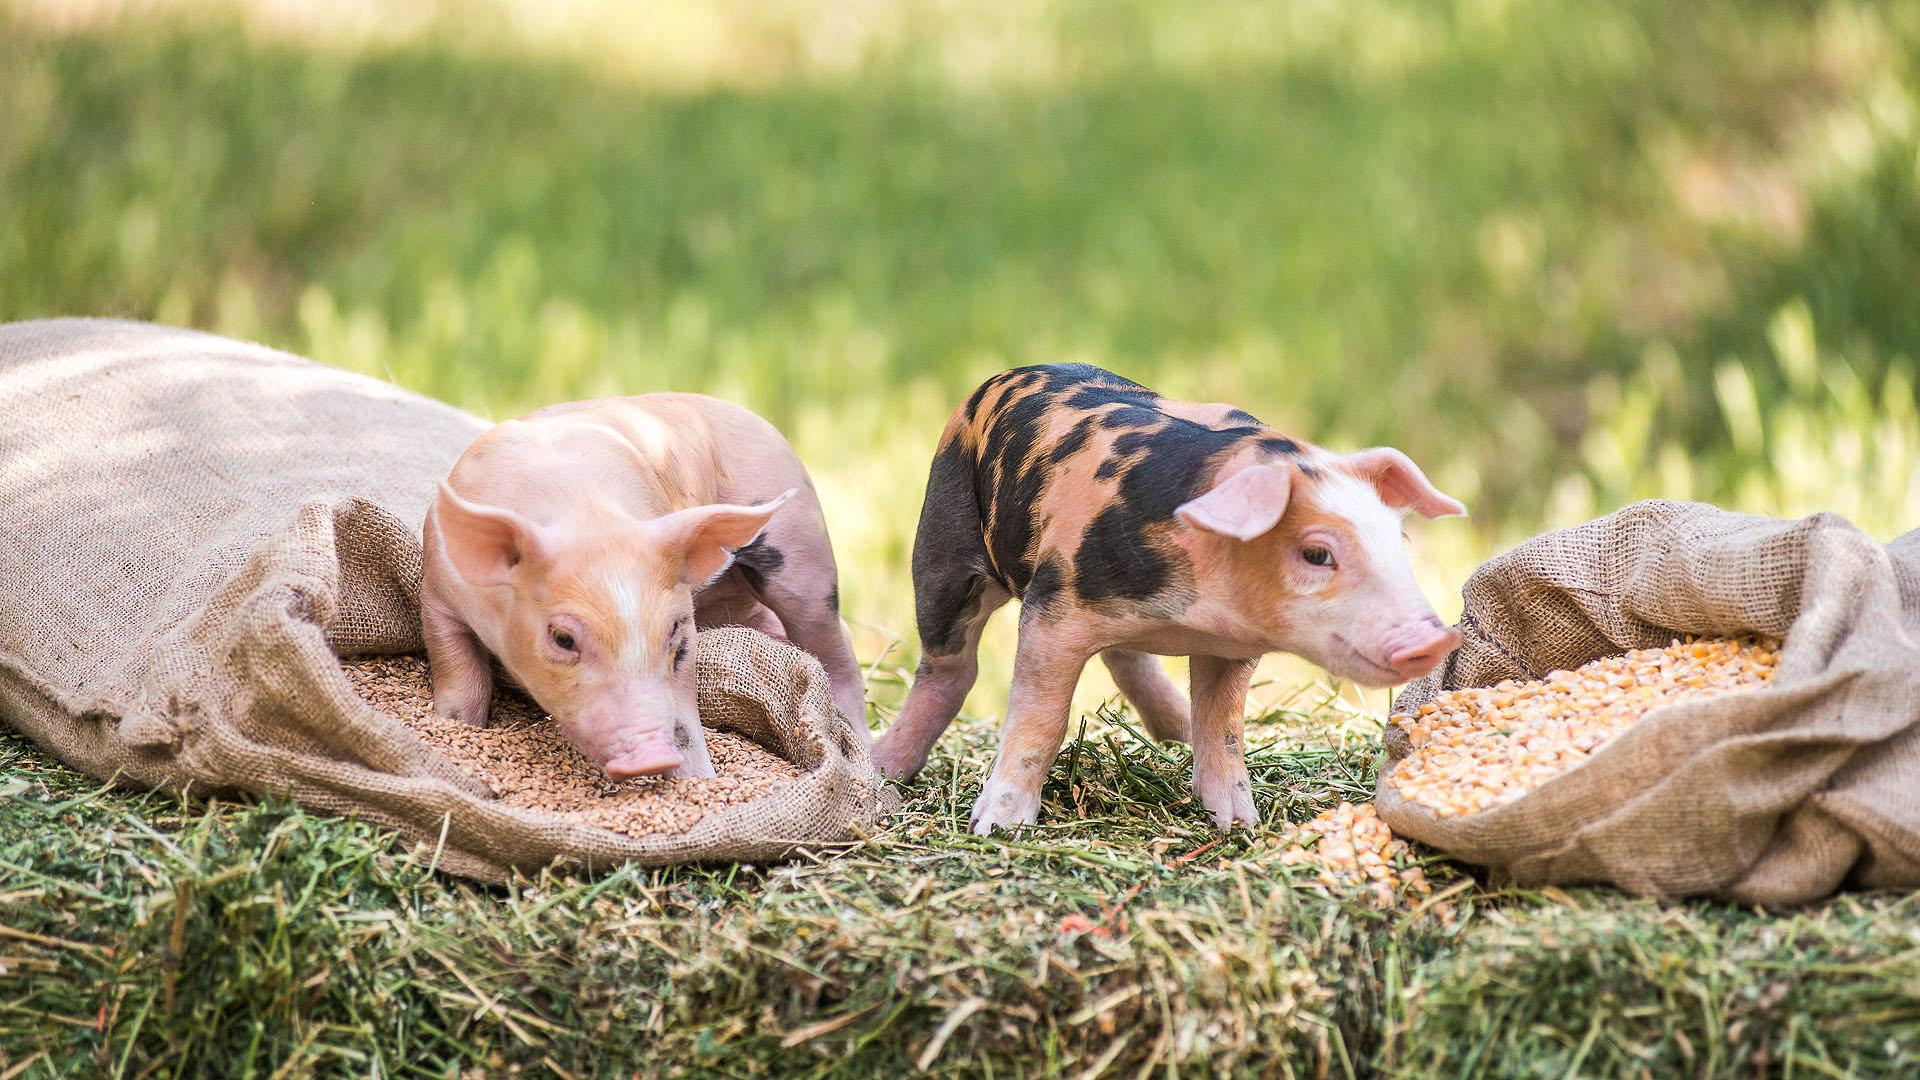 Τα γουρούνια αγαπούν τη λάσπη... λόγω εξέλιξης